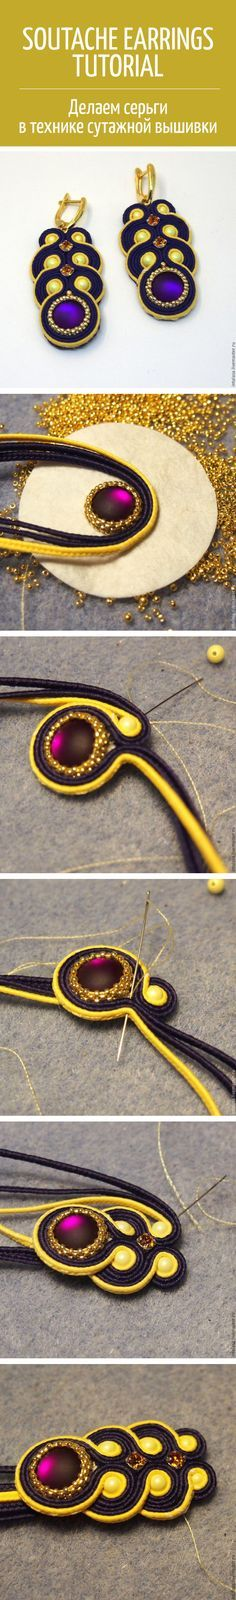 Soutache earrings tutorial / Делаем серьги в технике сутажной вышивки